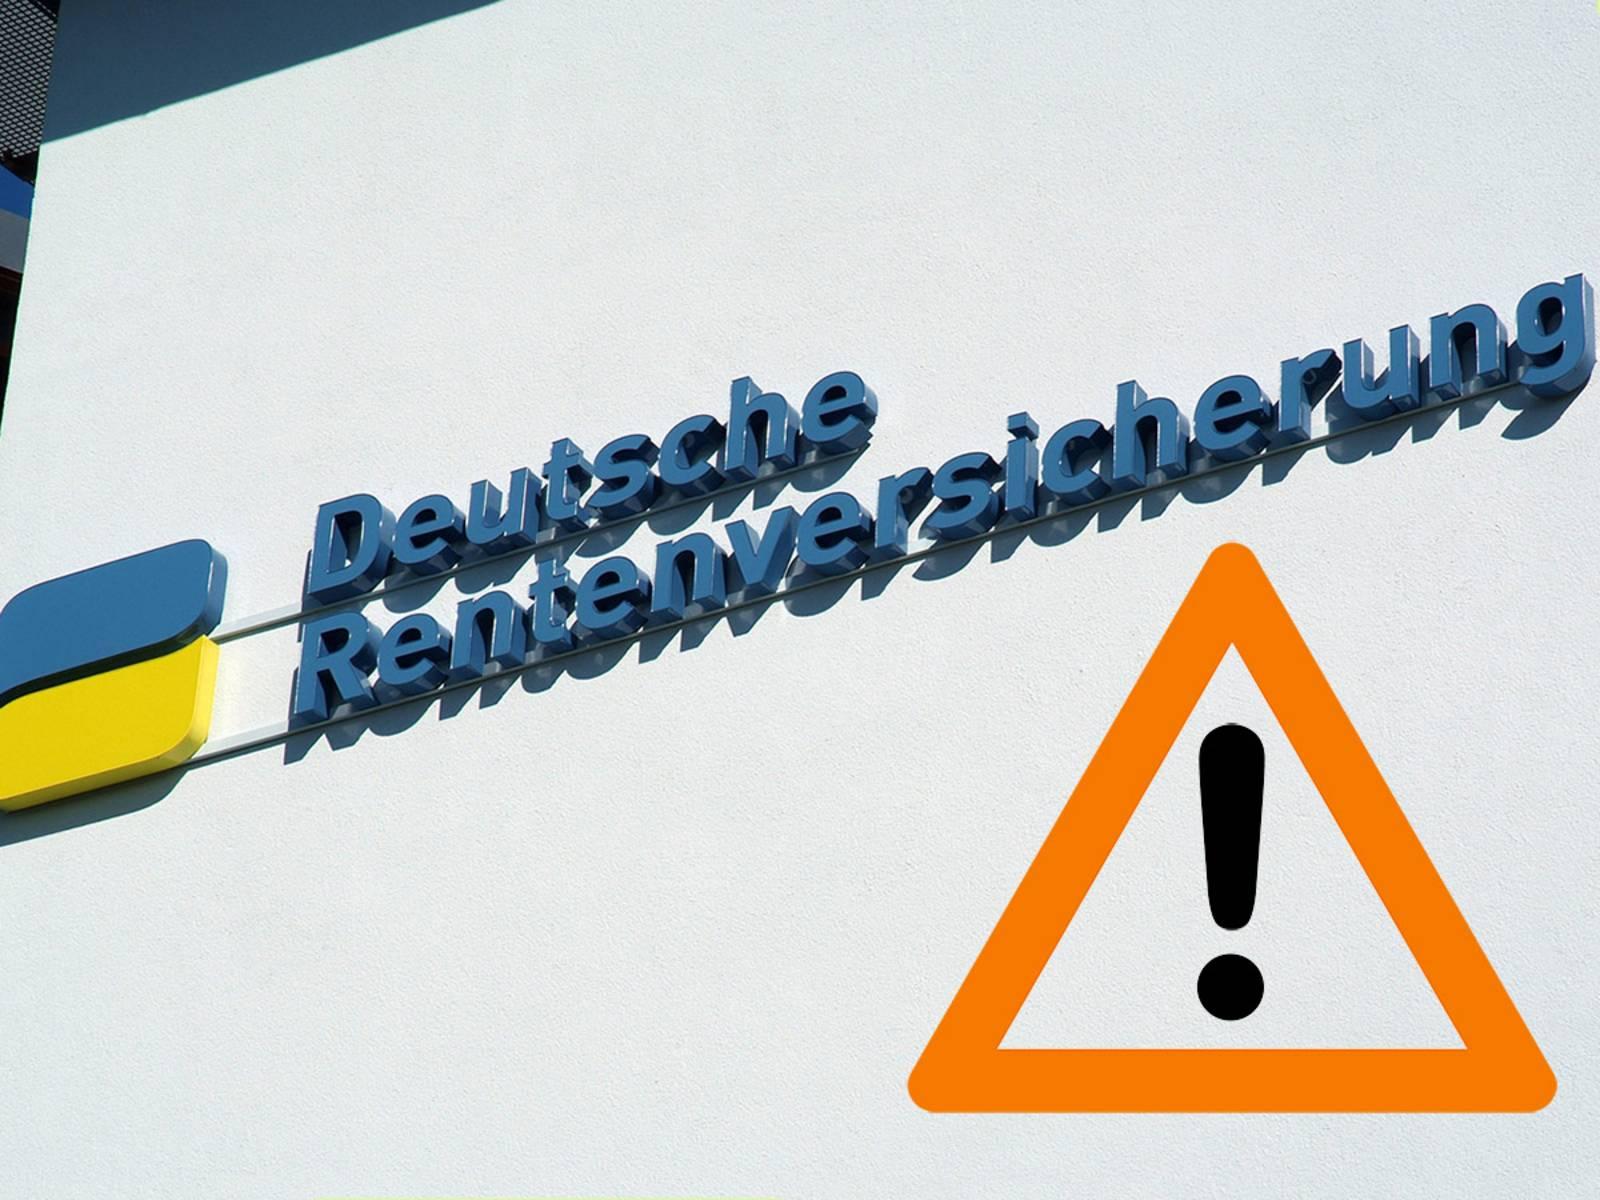 Das Logo der Deutschen Rentenversicherung mit einem Achtungs-Hinweisschild